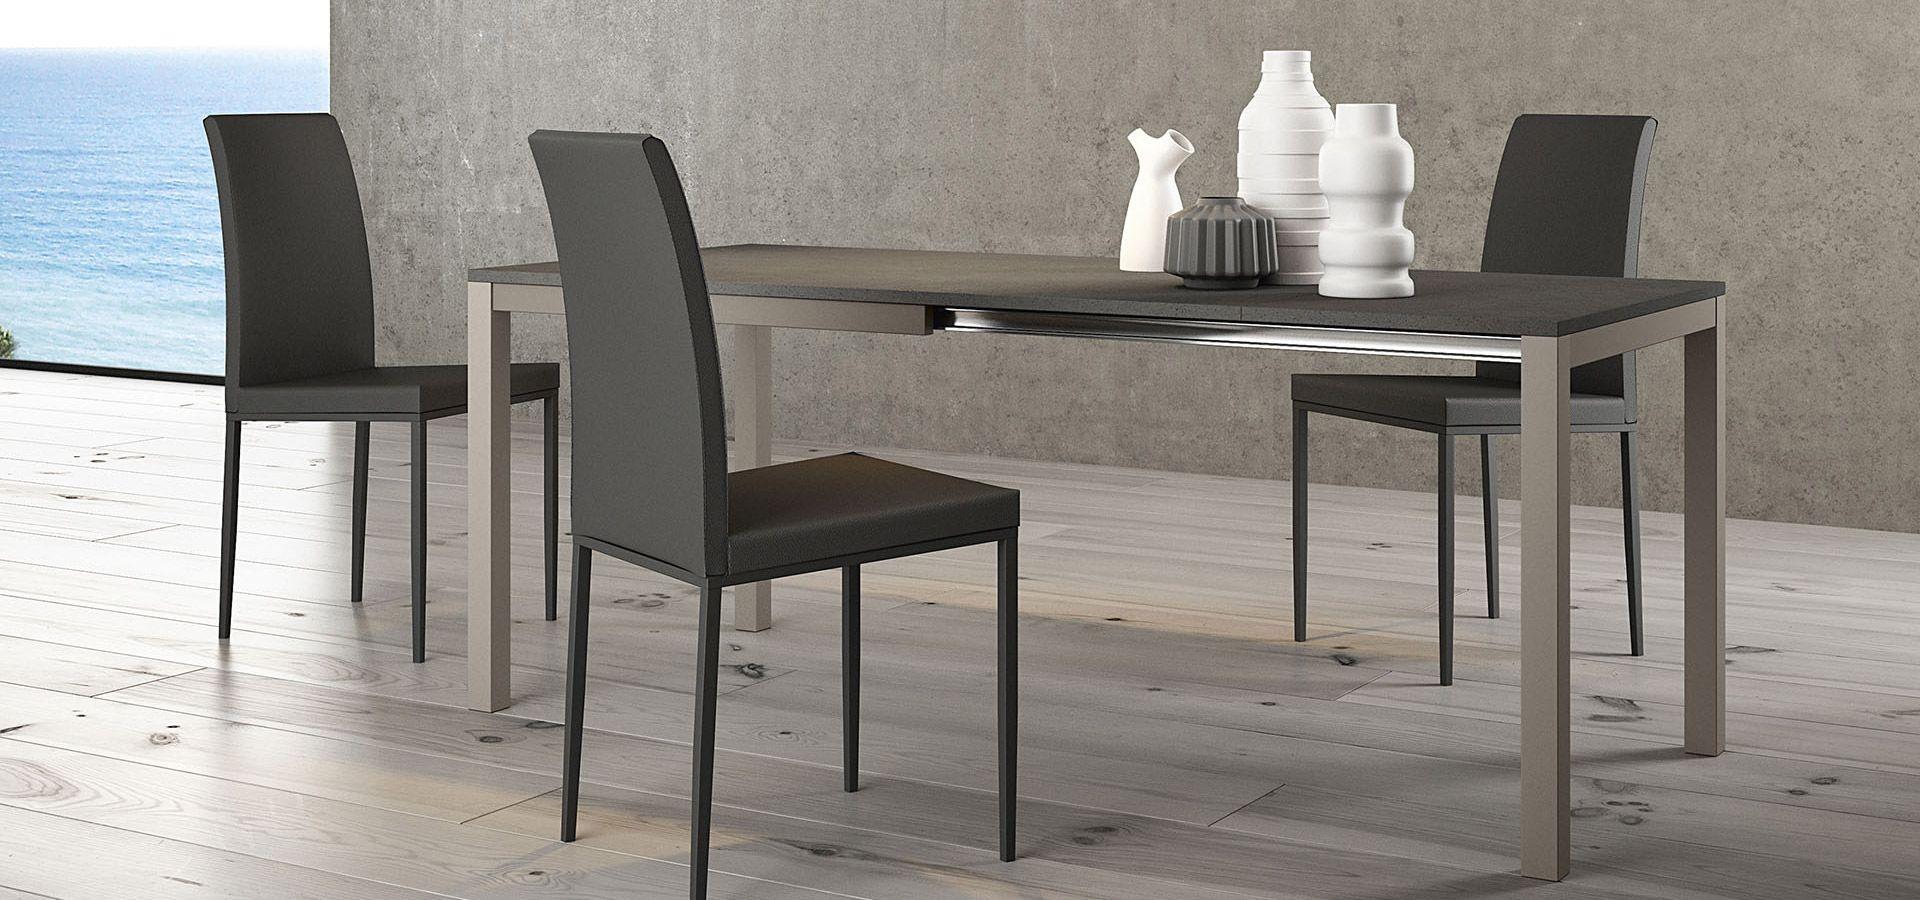 Matrix tavolo allungabile 2 prolunghe da 45 struttura - Tavolo consolle allungabile con prolunghe interne ...